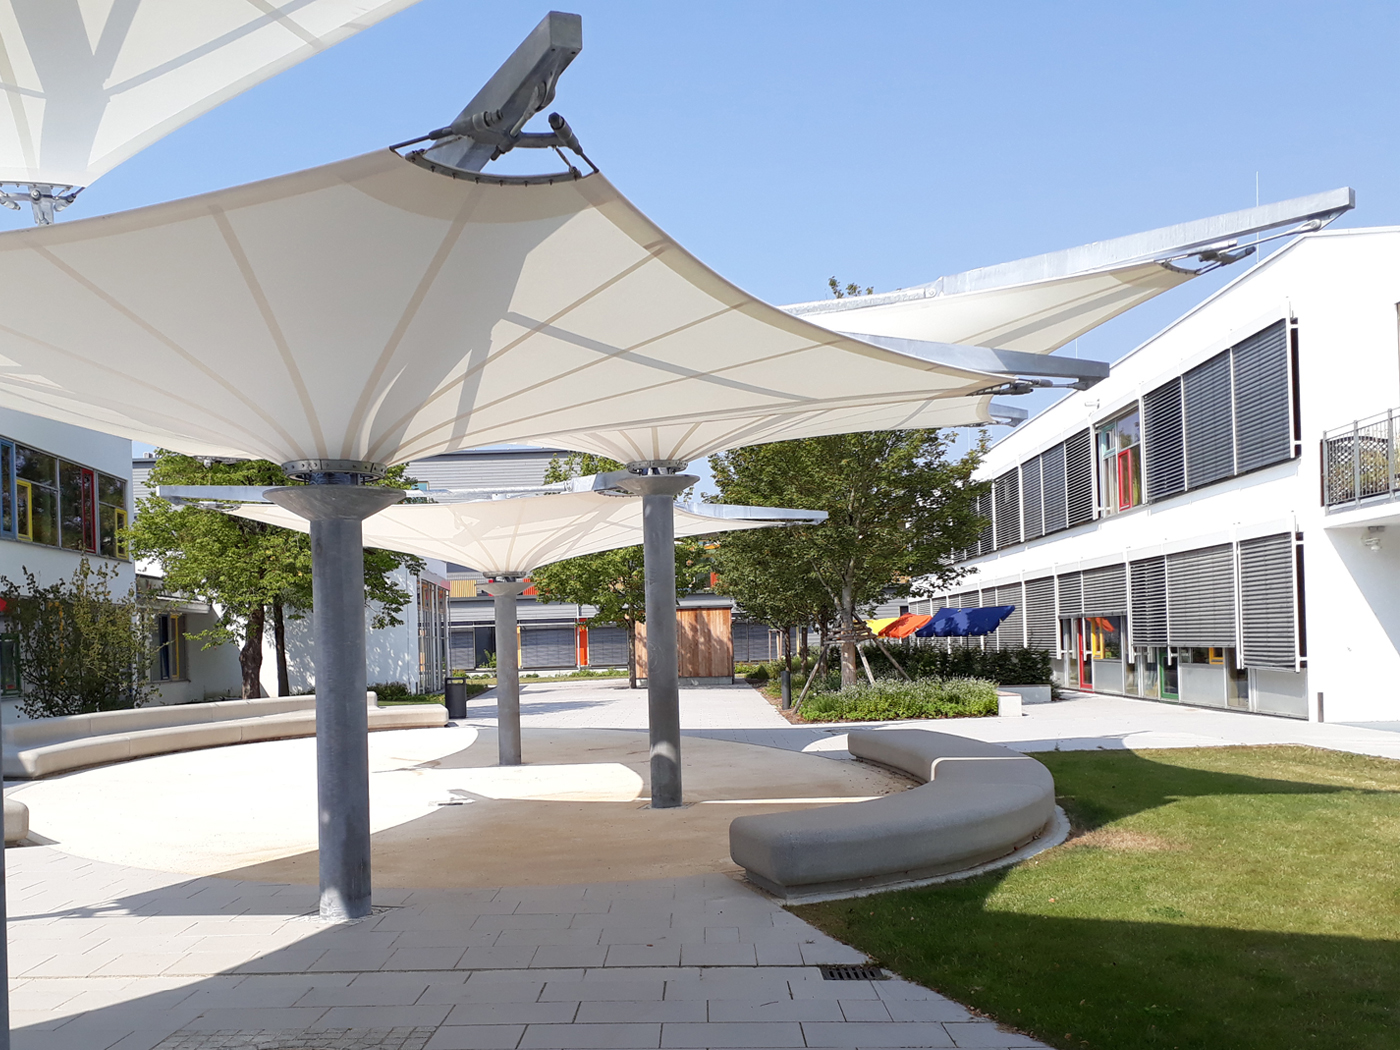 Sonderpädagogisches Förderzentrum Unterhaching